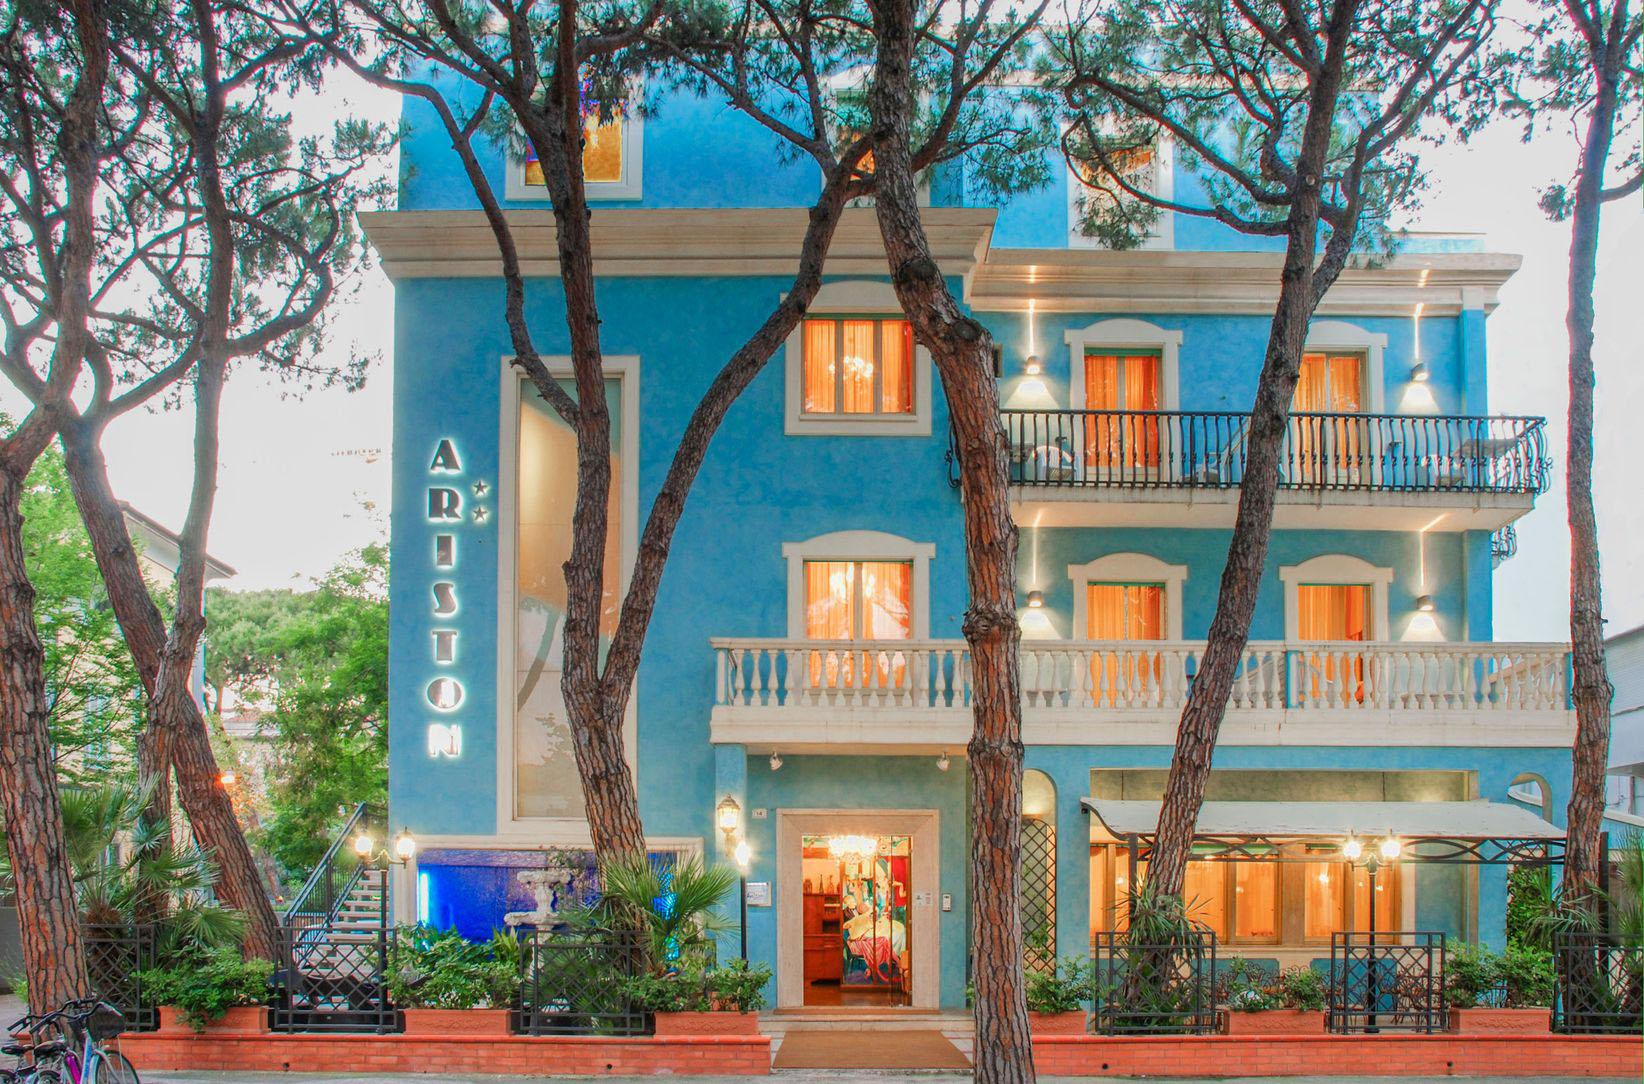 Hotel ariston riccione albergo per famiglie gestione for Bagno 68 riccione